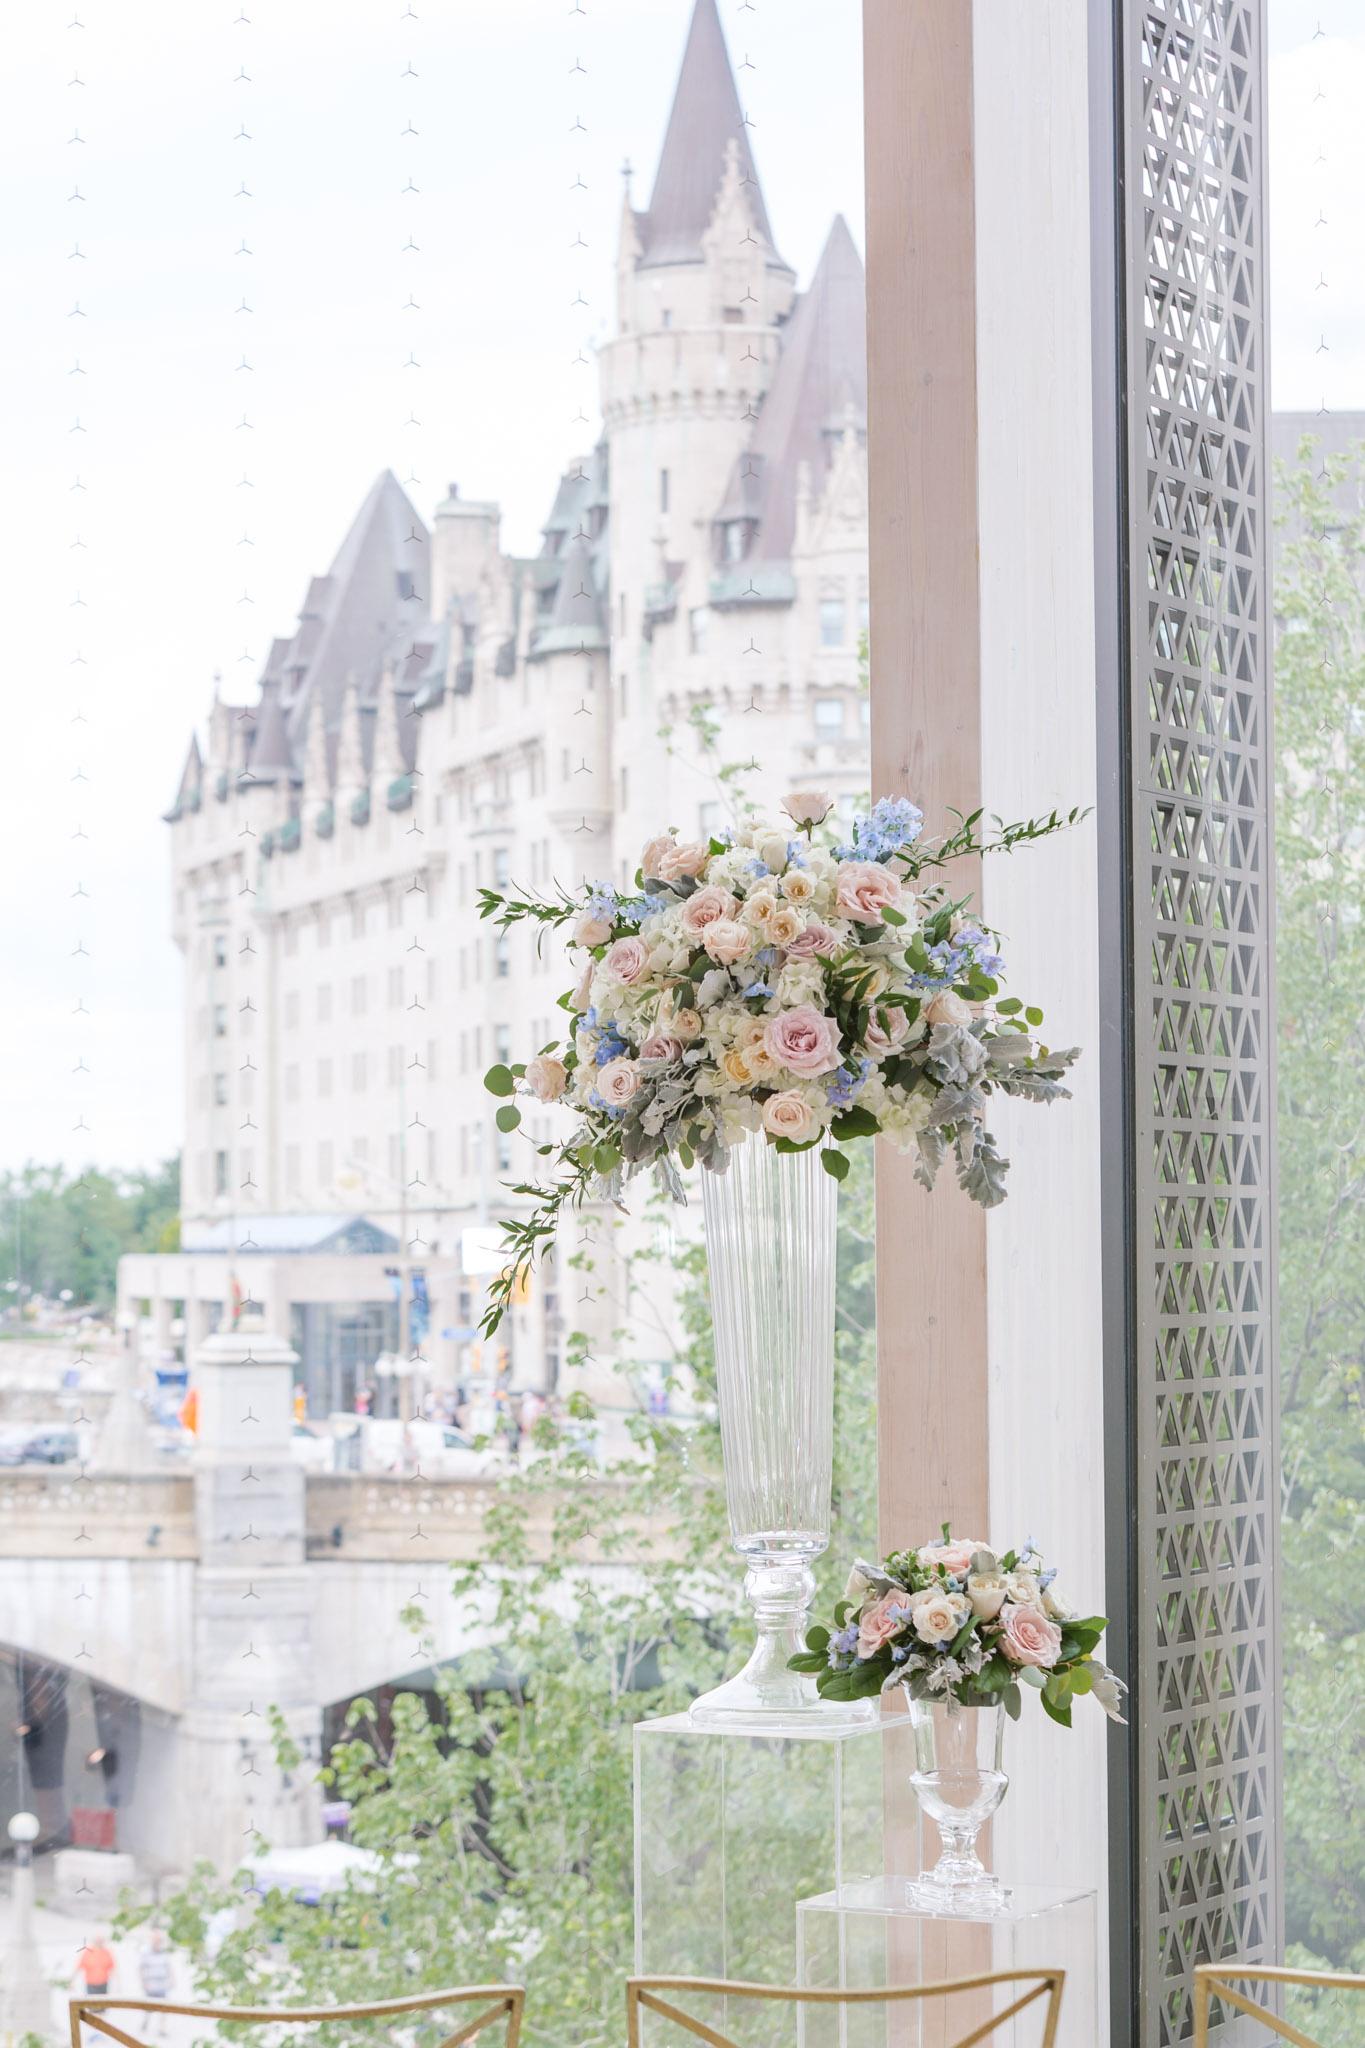 OttawaweddingPhotographer-7685.jpg